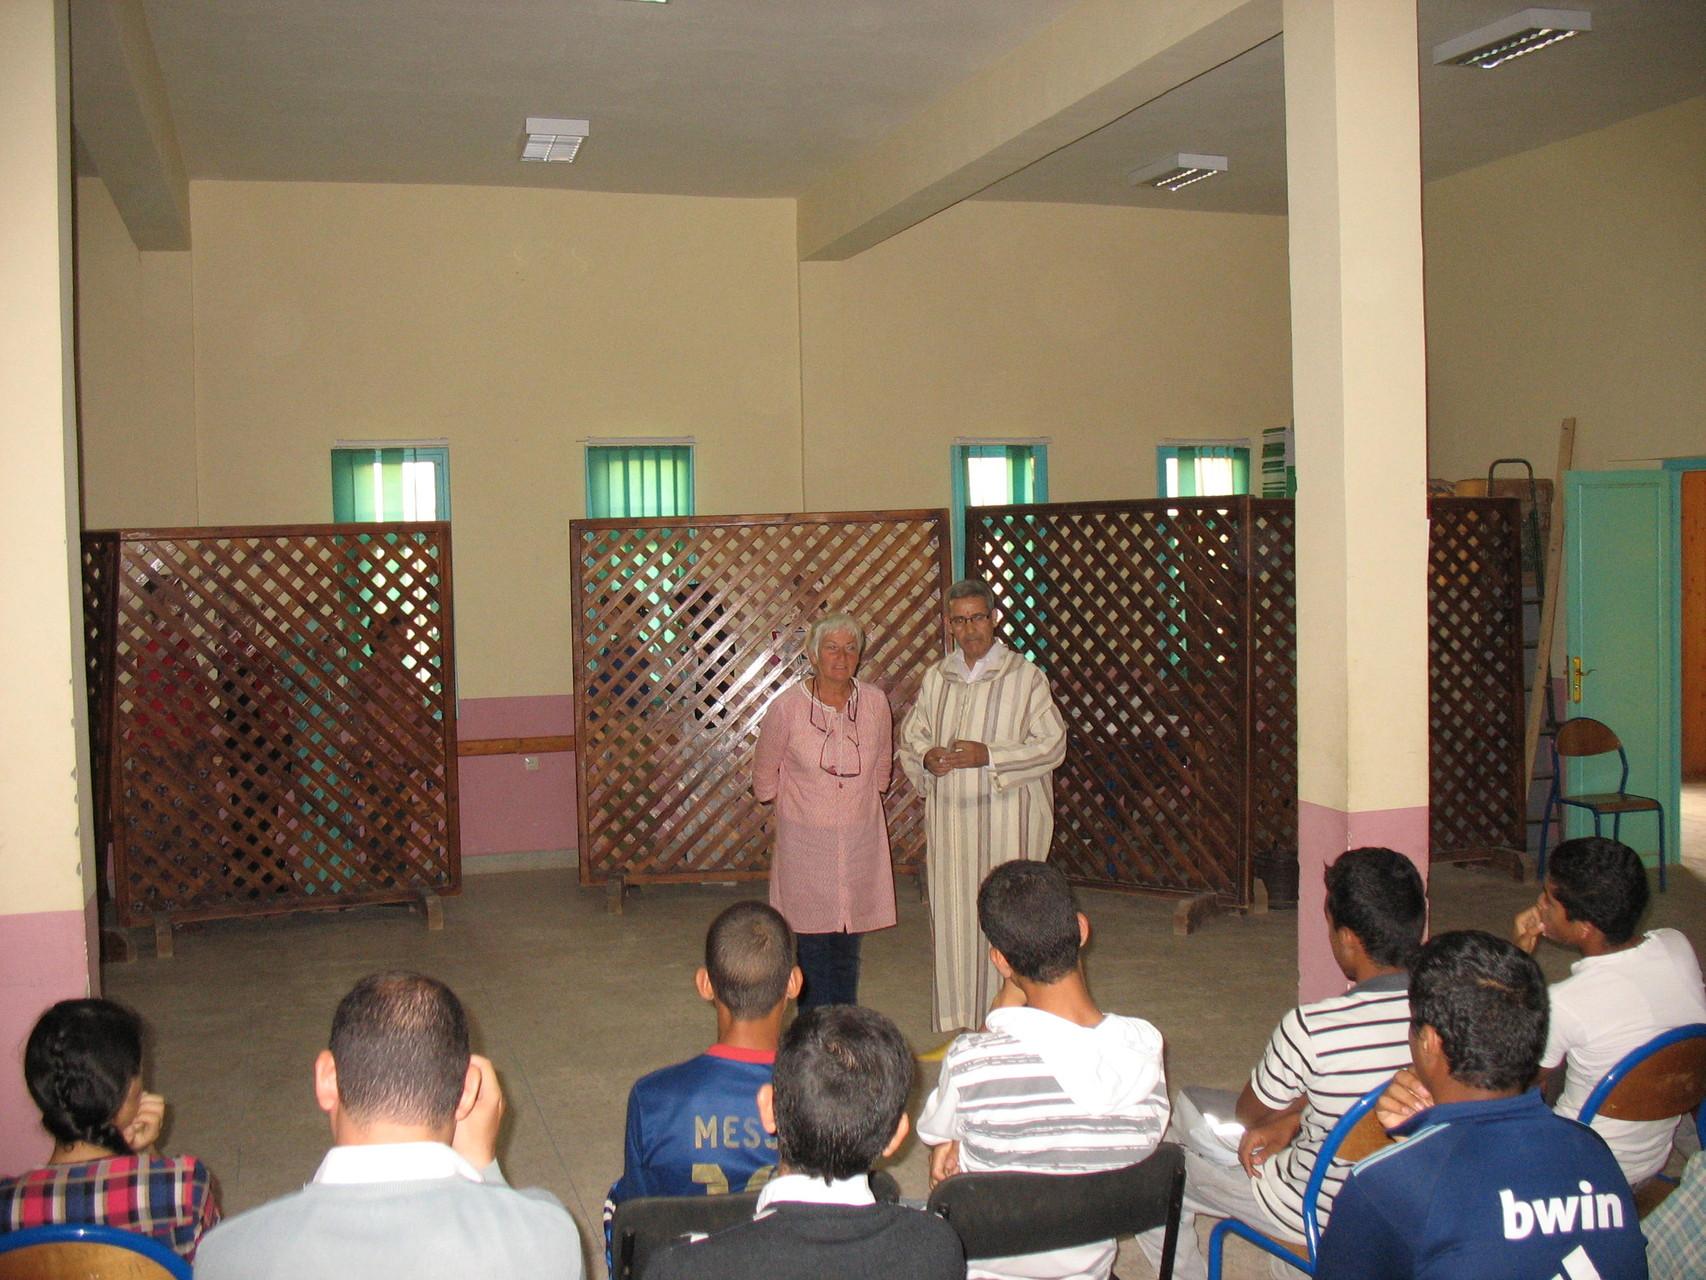 présenter devant un public de lycéens, Mbarek fait trés bien les présentations